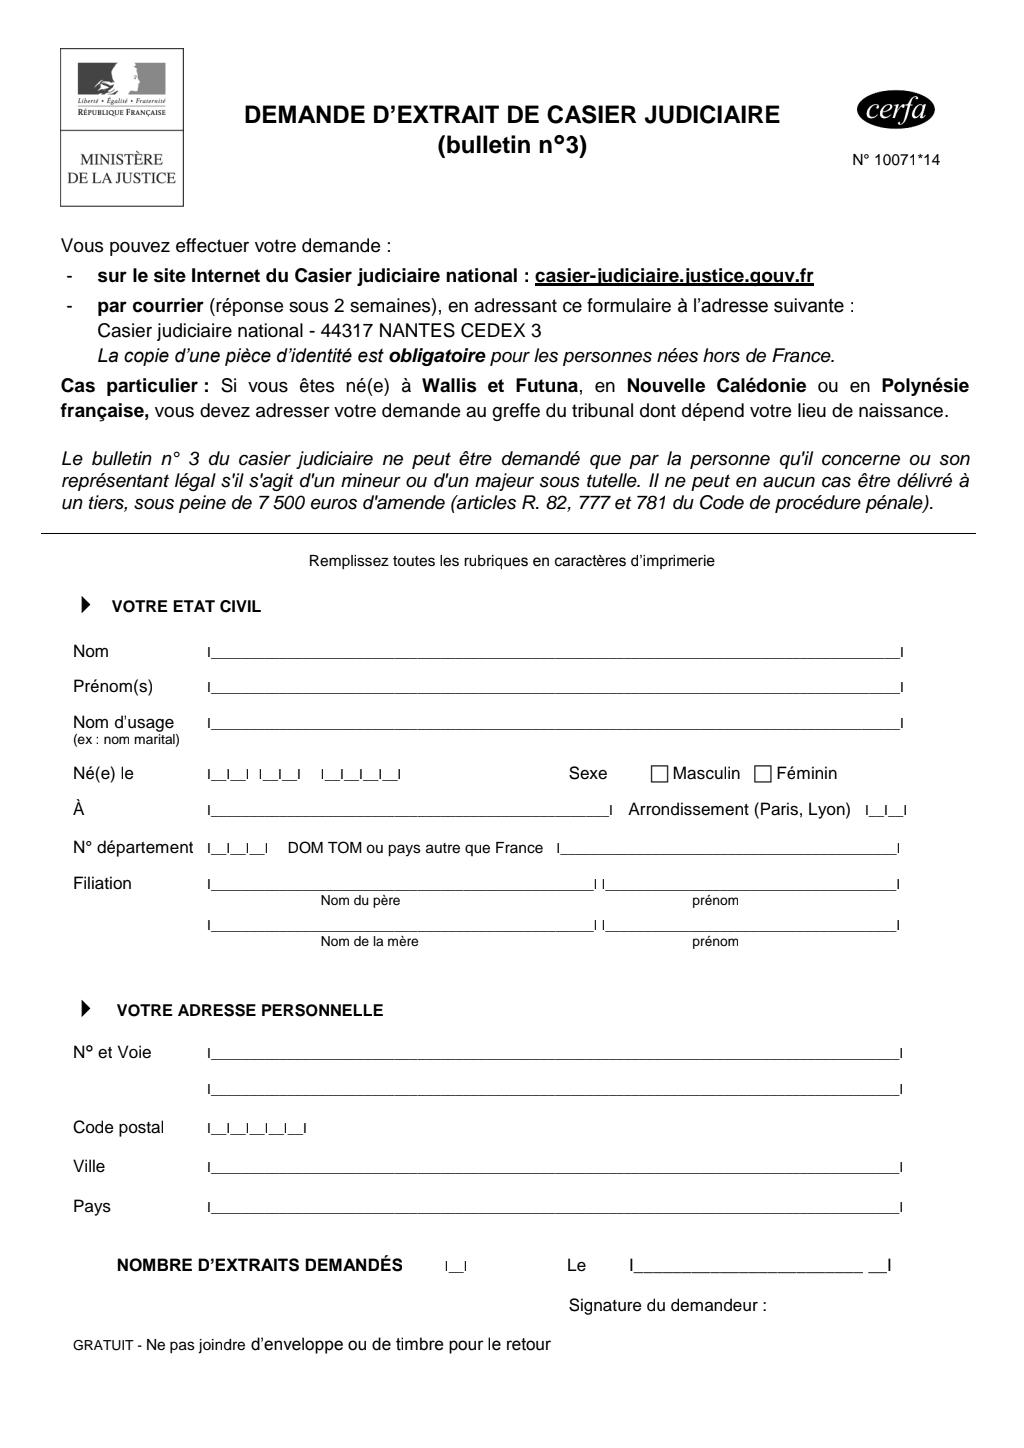 Formulaire_10071*14 : Demande d'extrait de casier judiciaire (bulletin n°3)